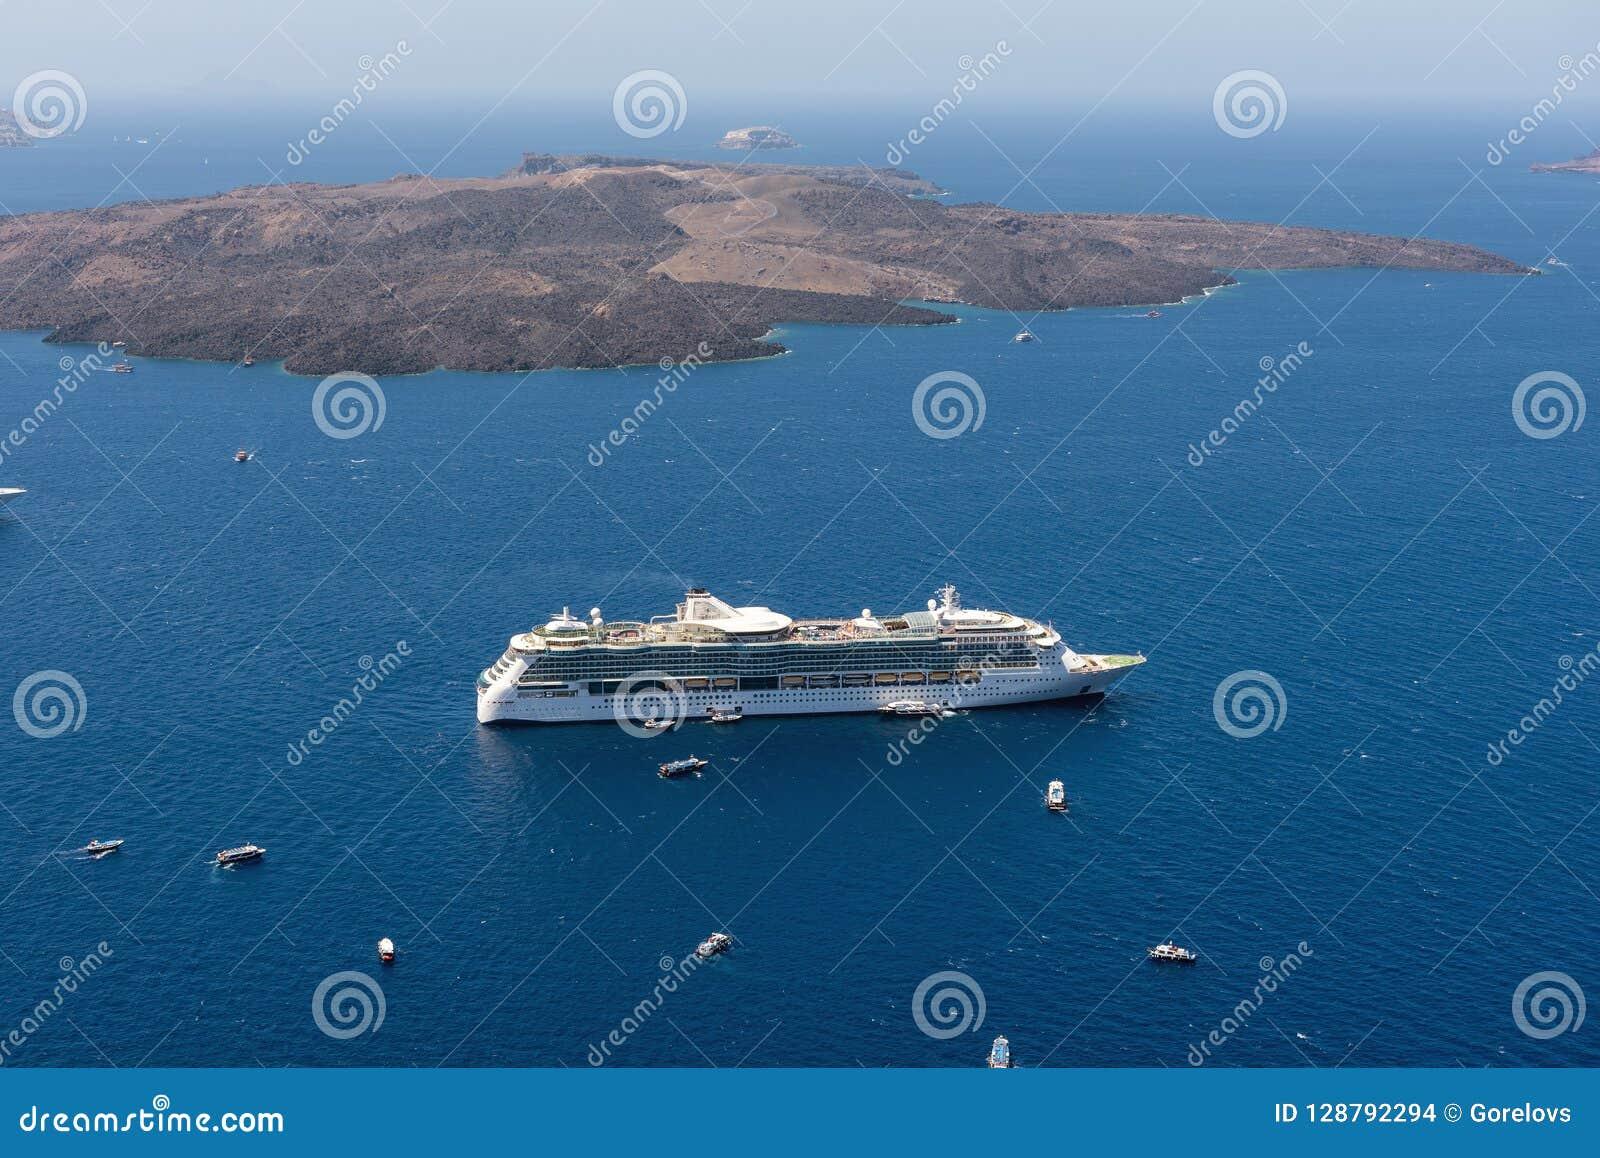 Туристические судна остаются причалили в вулканической кальдере острова Santorini, Греции